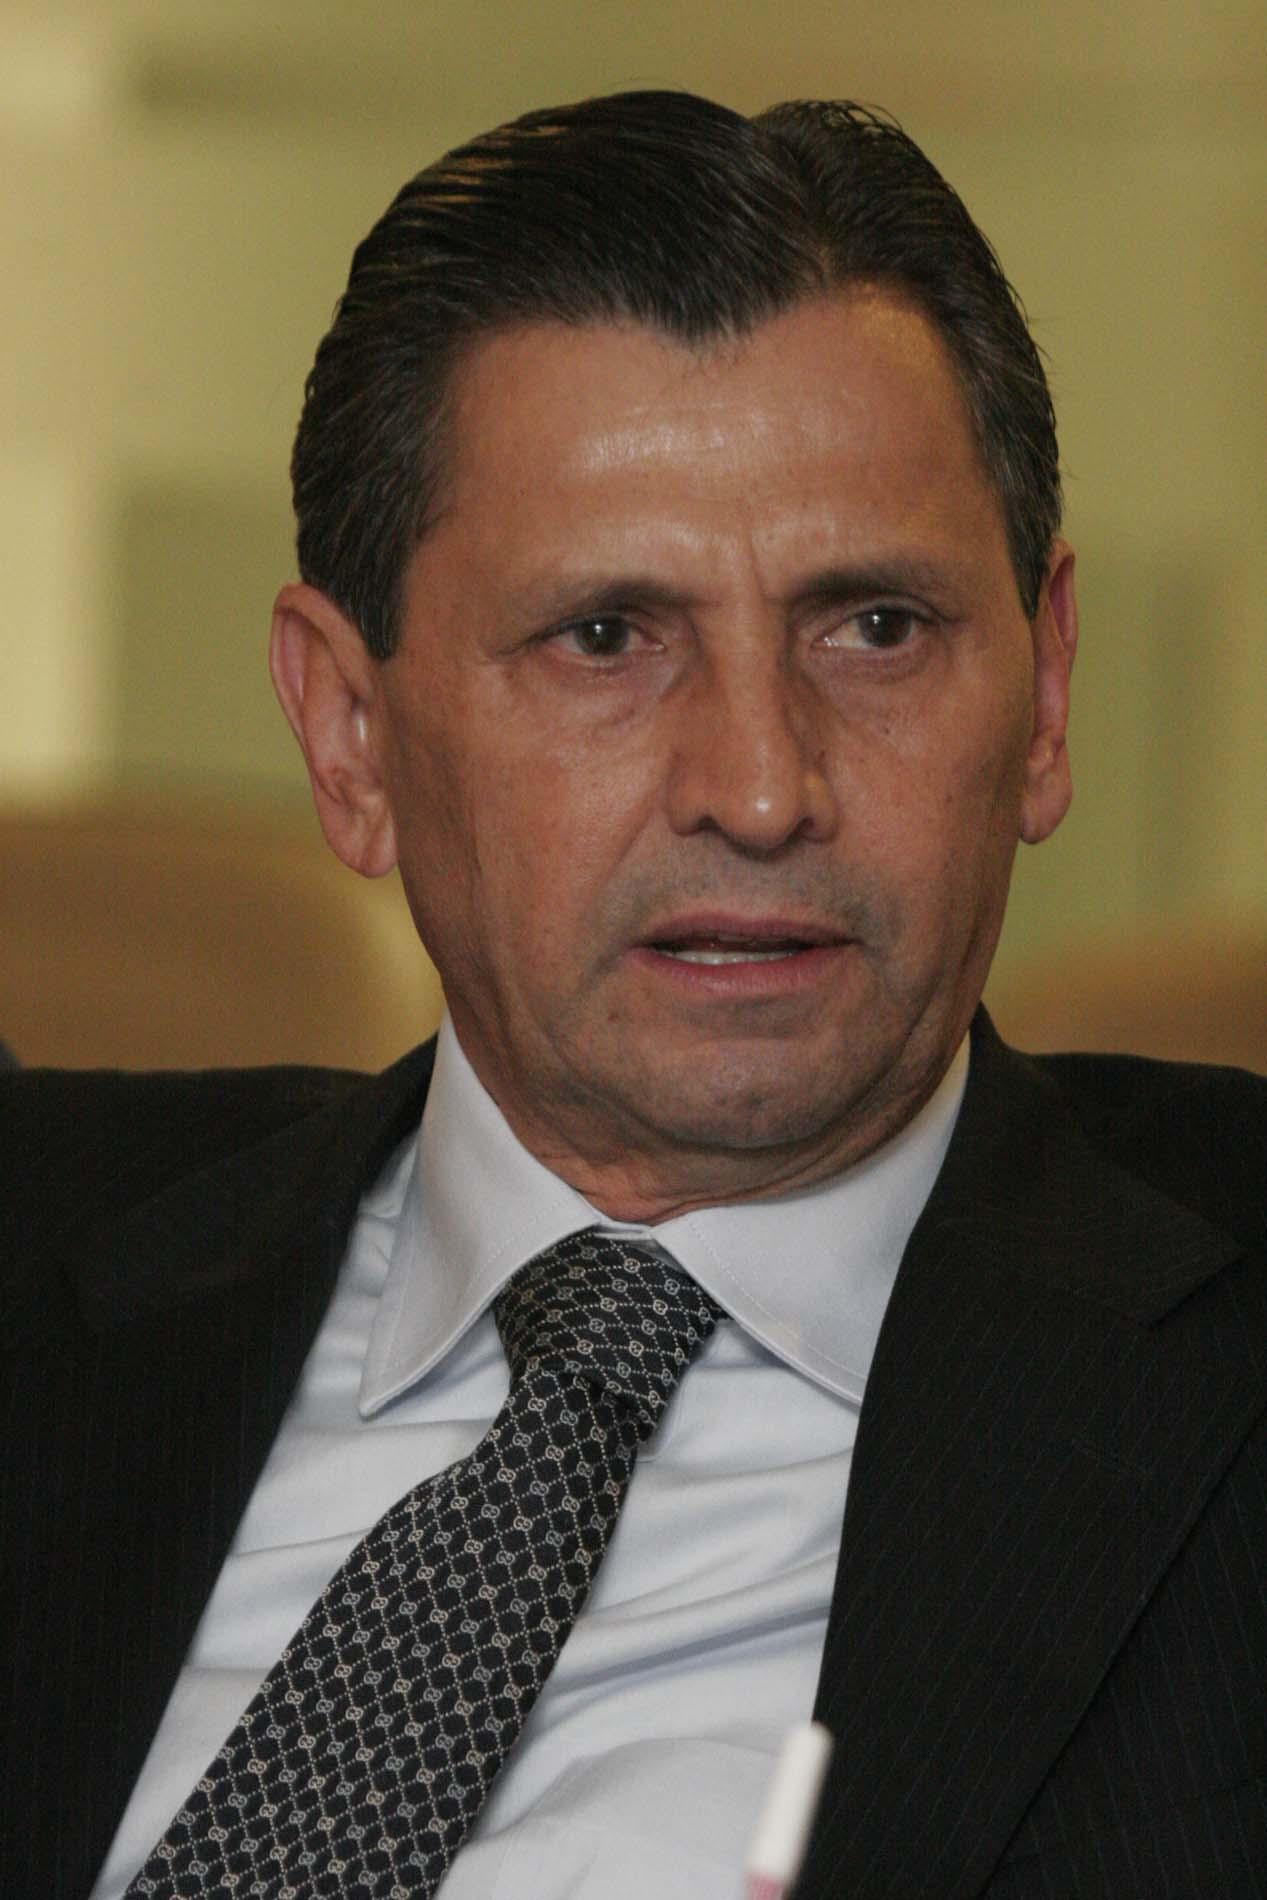 Deputado <b>Julio Garcia</b> (DEM) - Foto_04550_2009_M